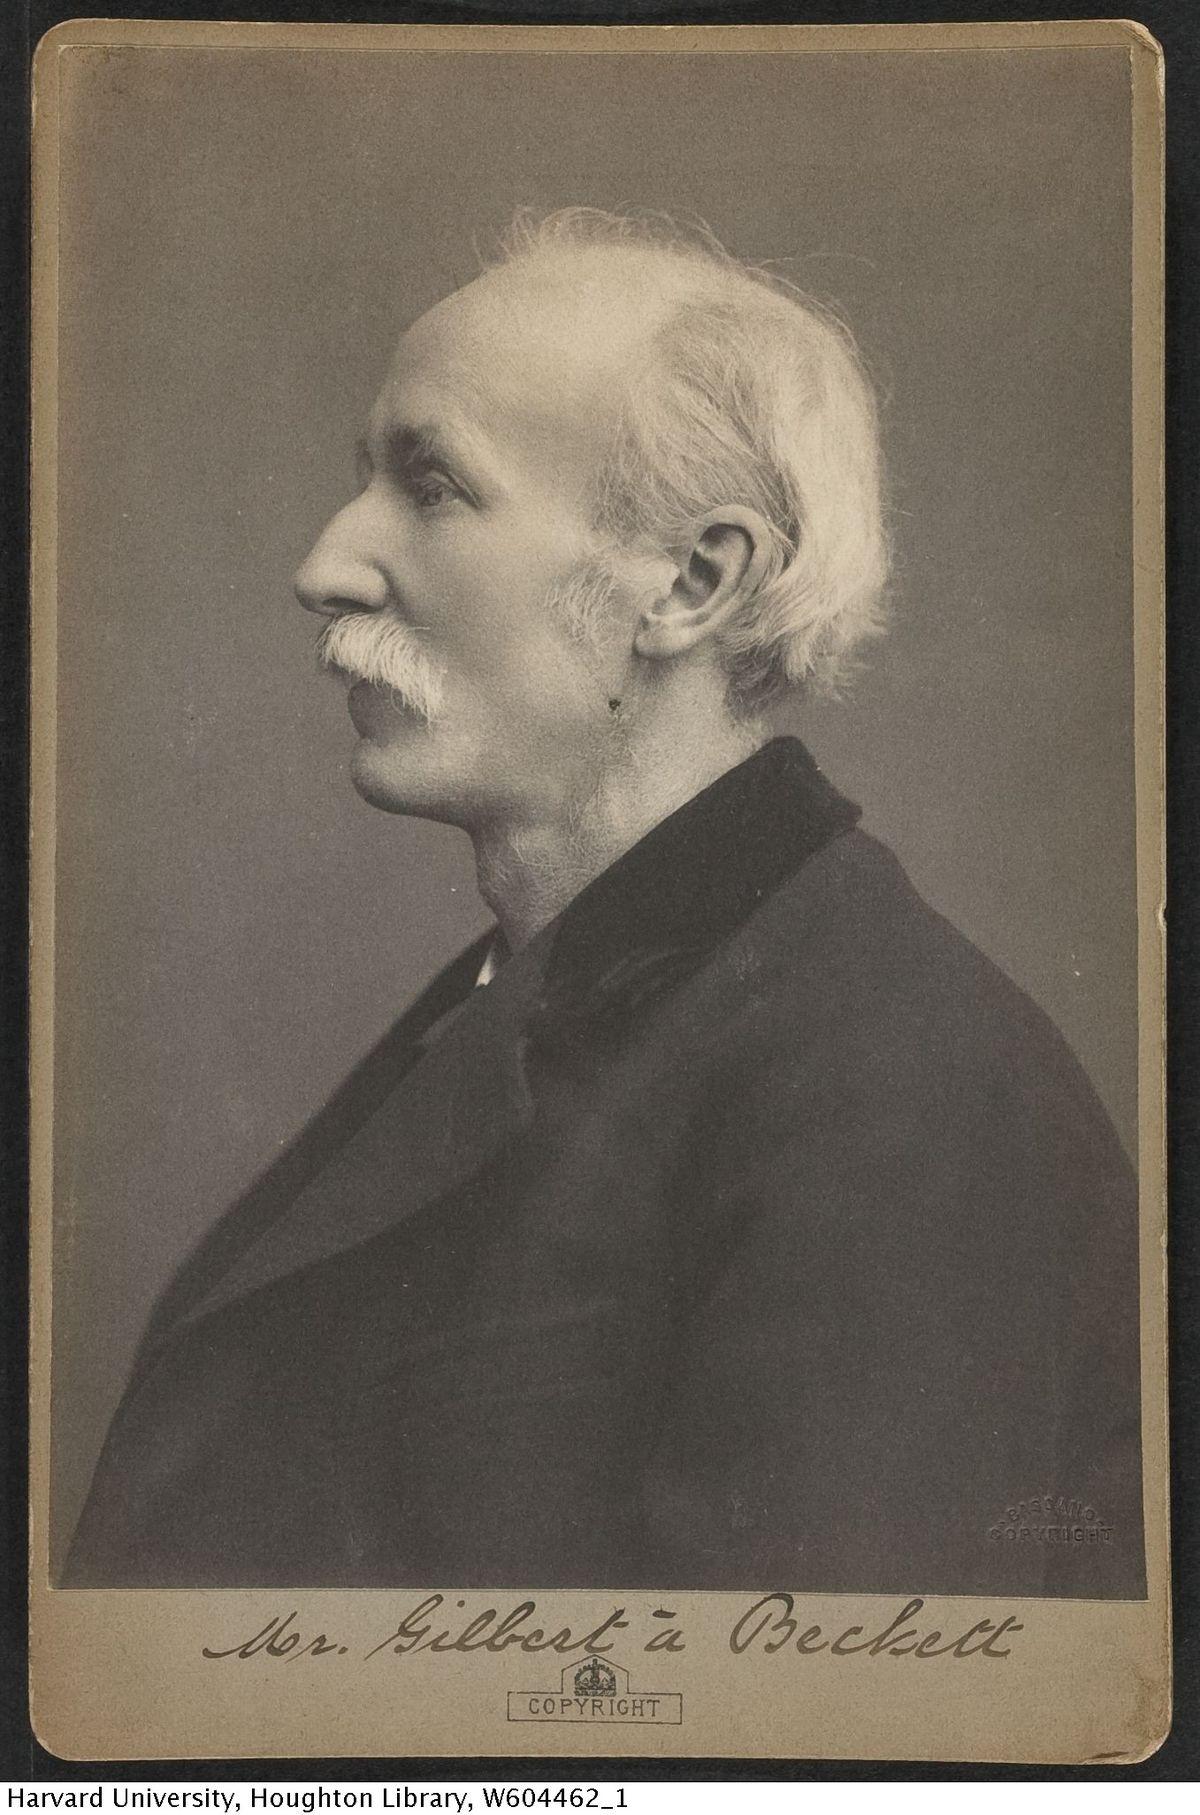 Gilbert Arthur à Beckett - Wikipedia